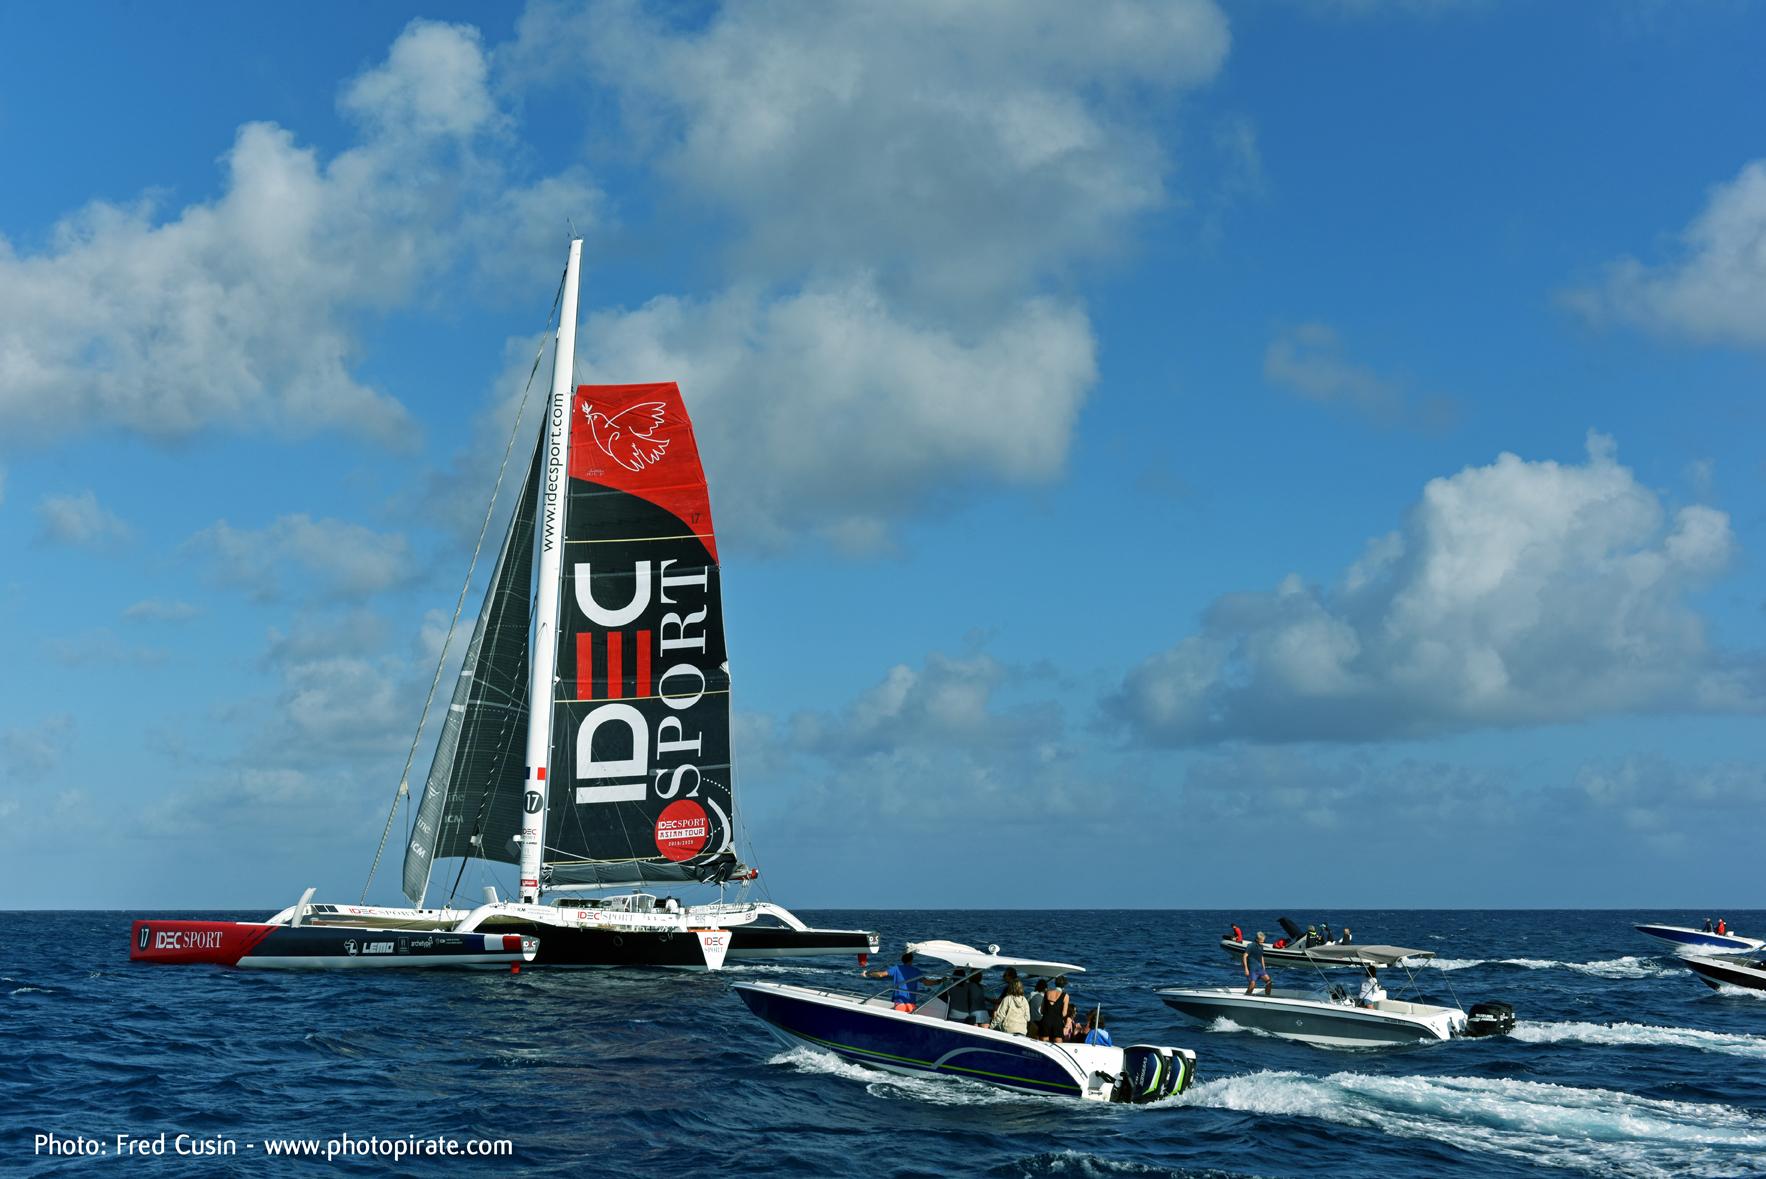 IDEC Sport - Fred Cusin pic